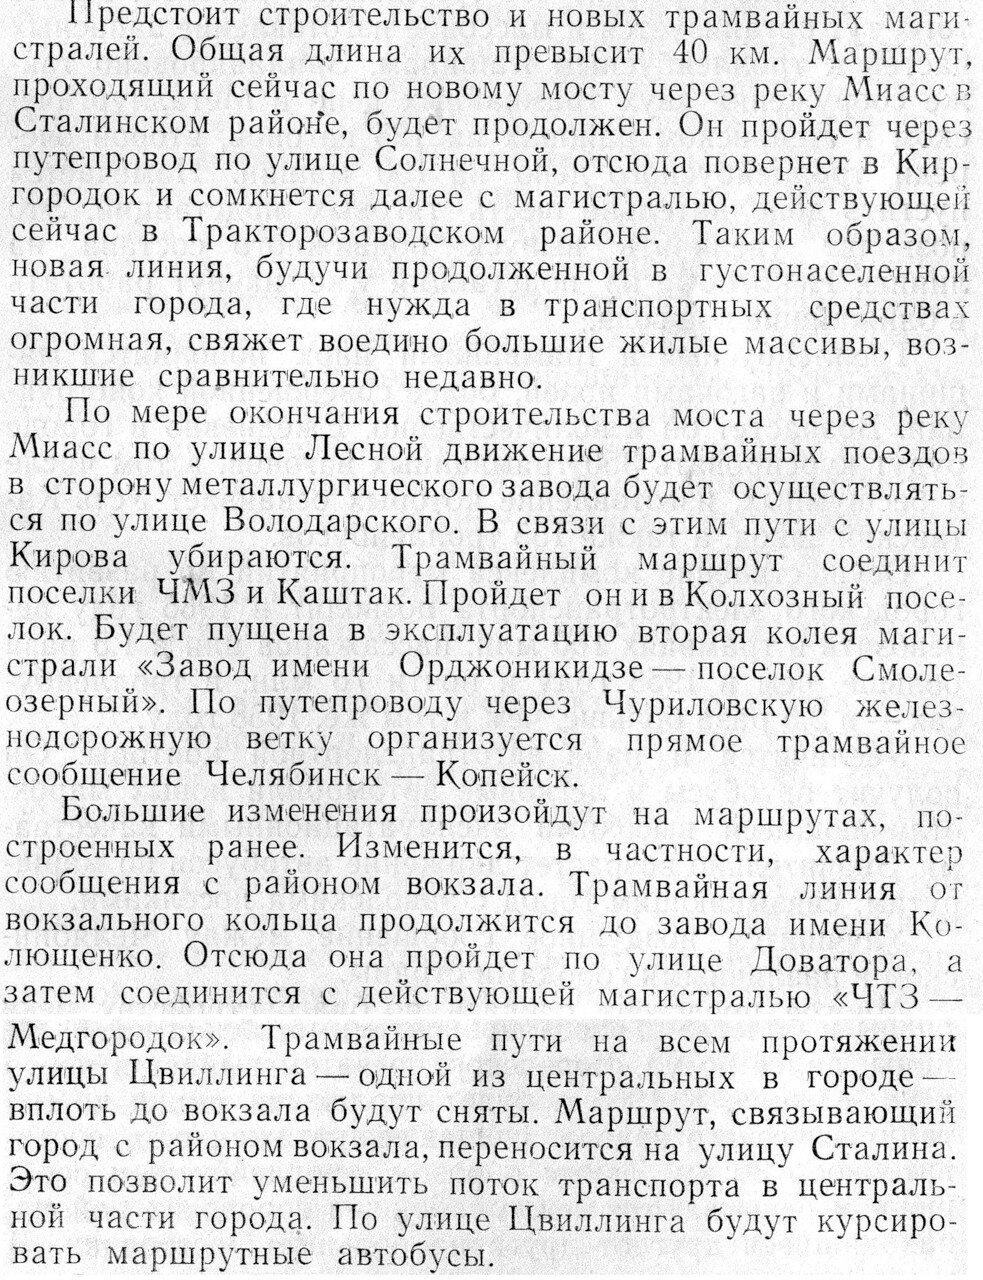 Челябинск в семилетки